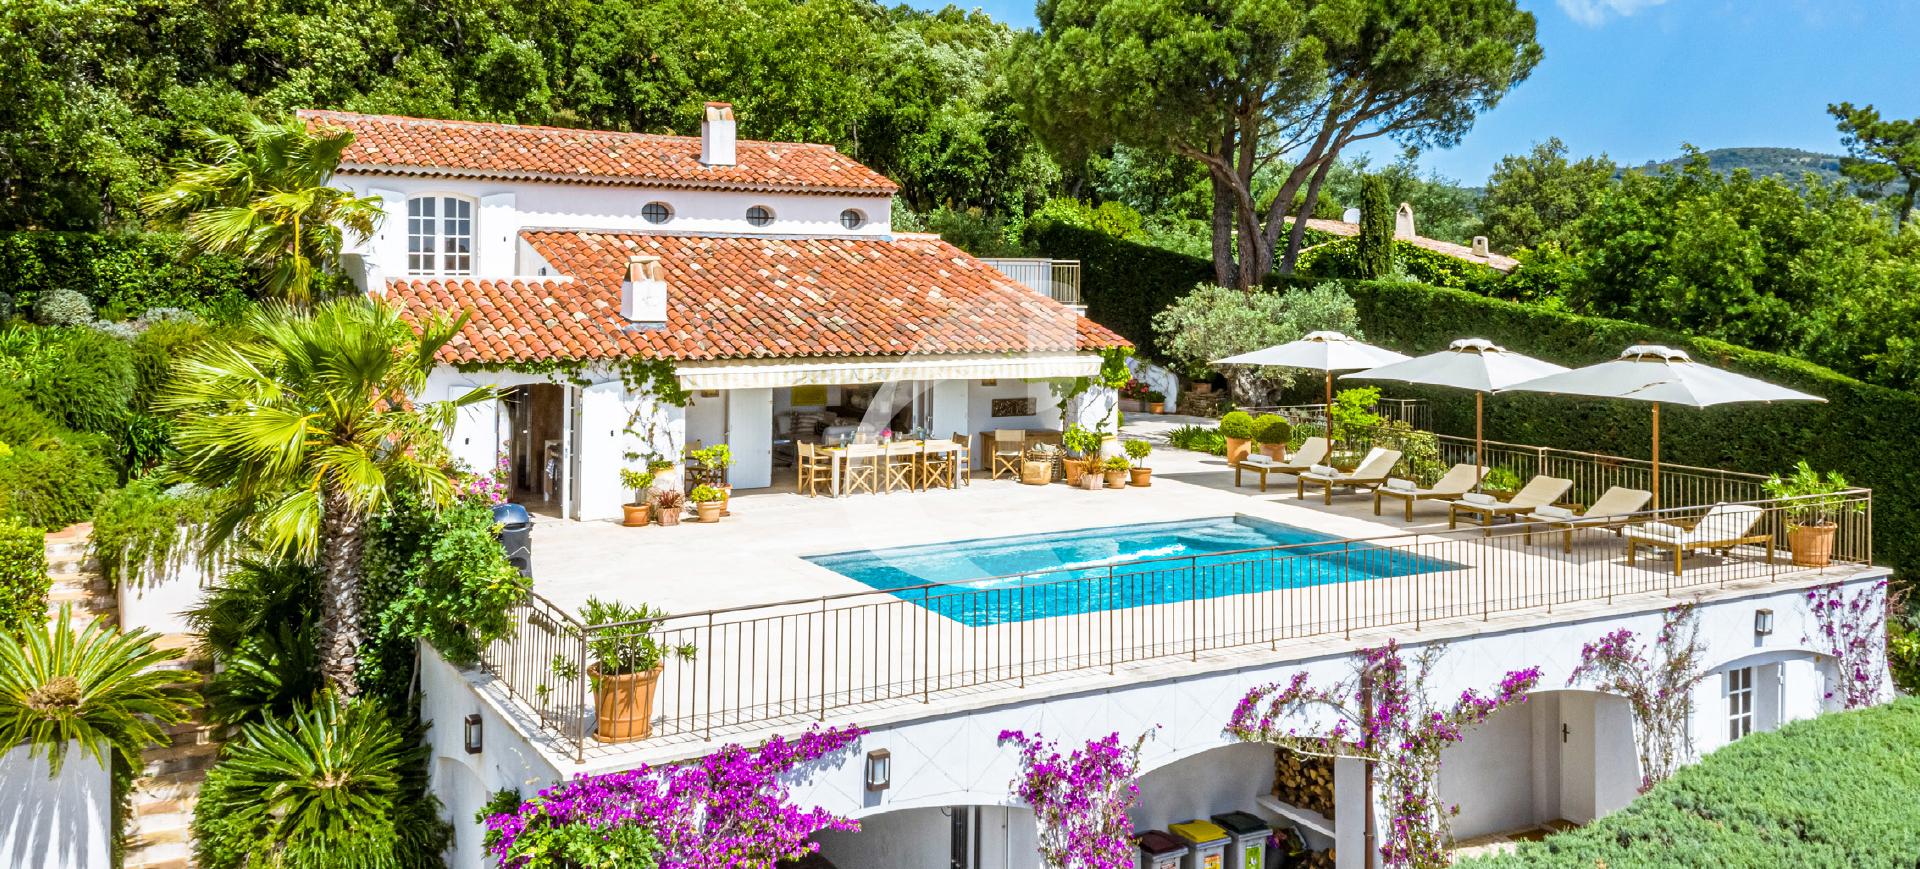 Villa Lilian Grimoud St Tropez